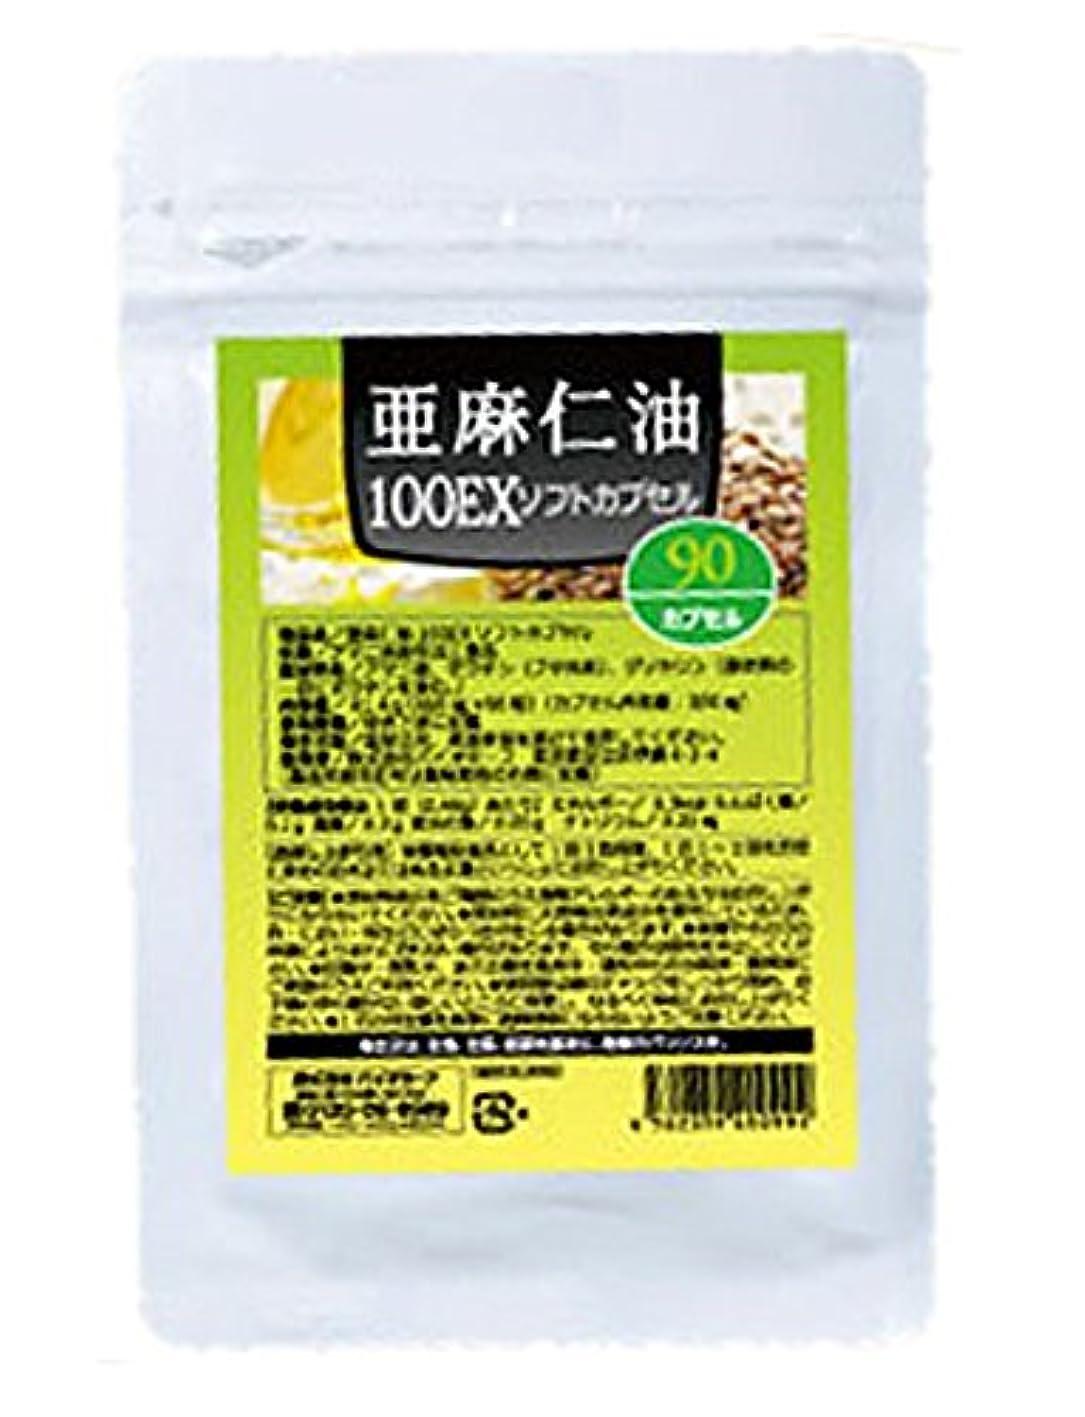 塊ジョセフバンクス蓄積する亜麻仁油100EXソフトカプセル 90粒入